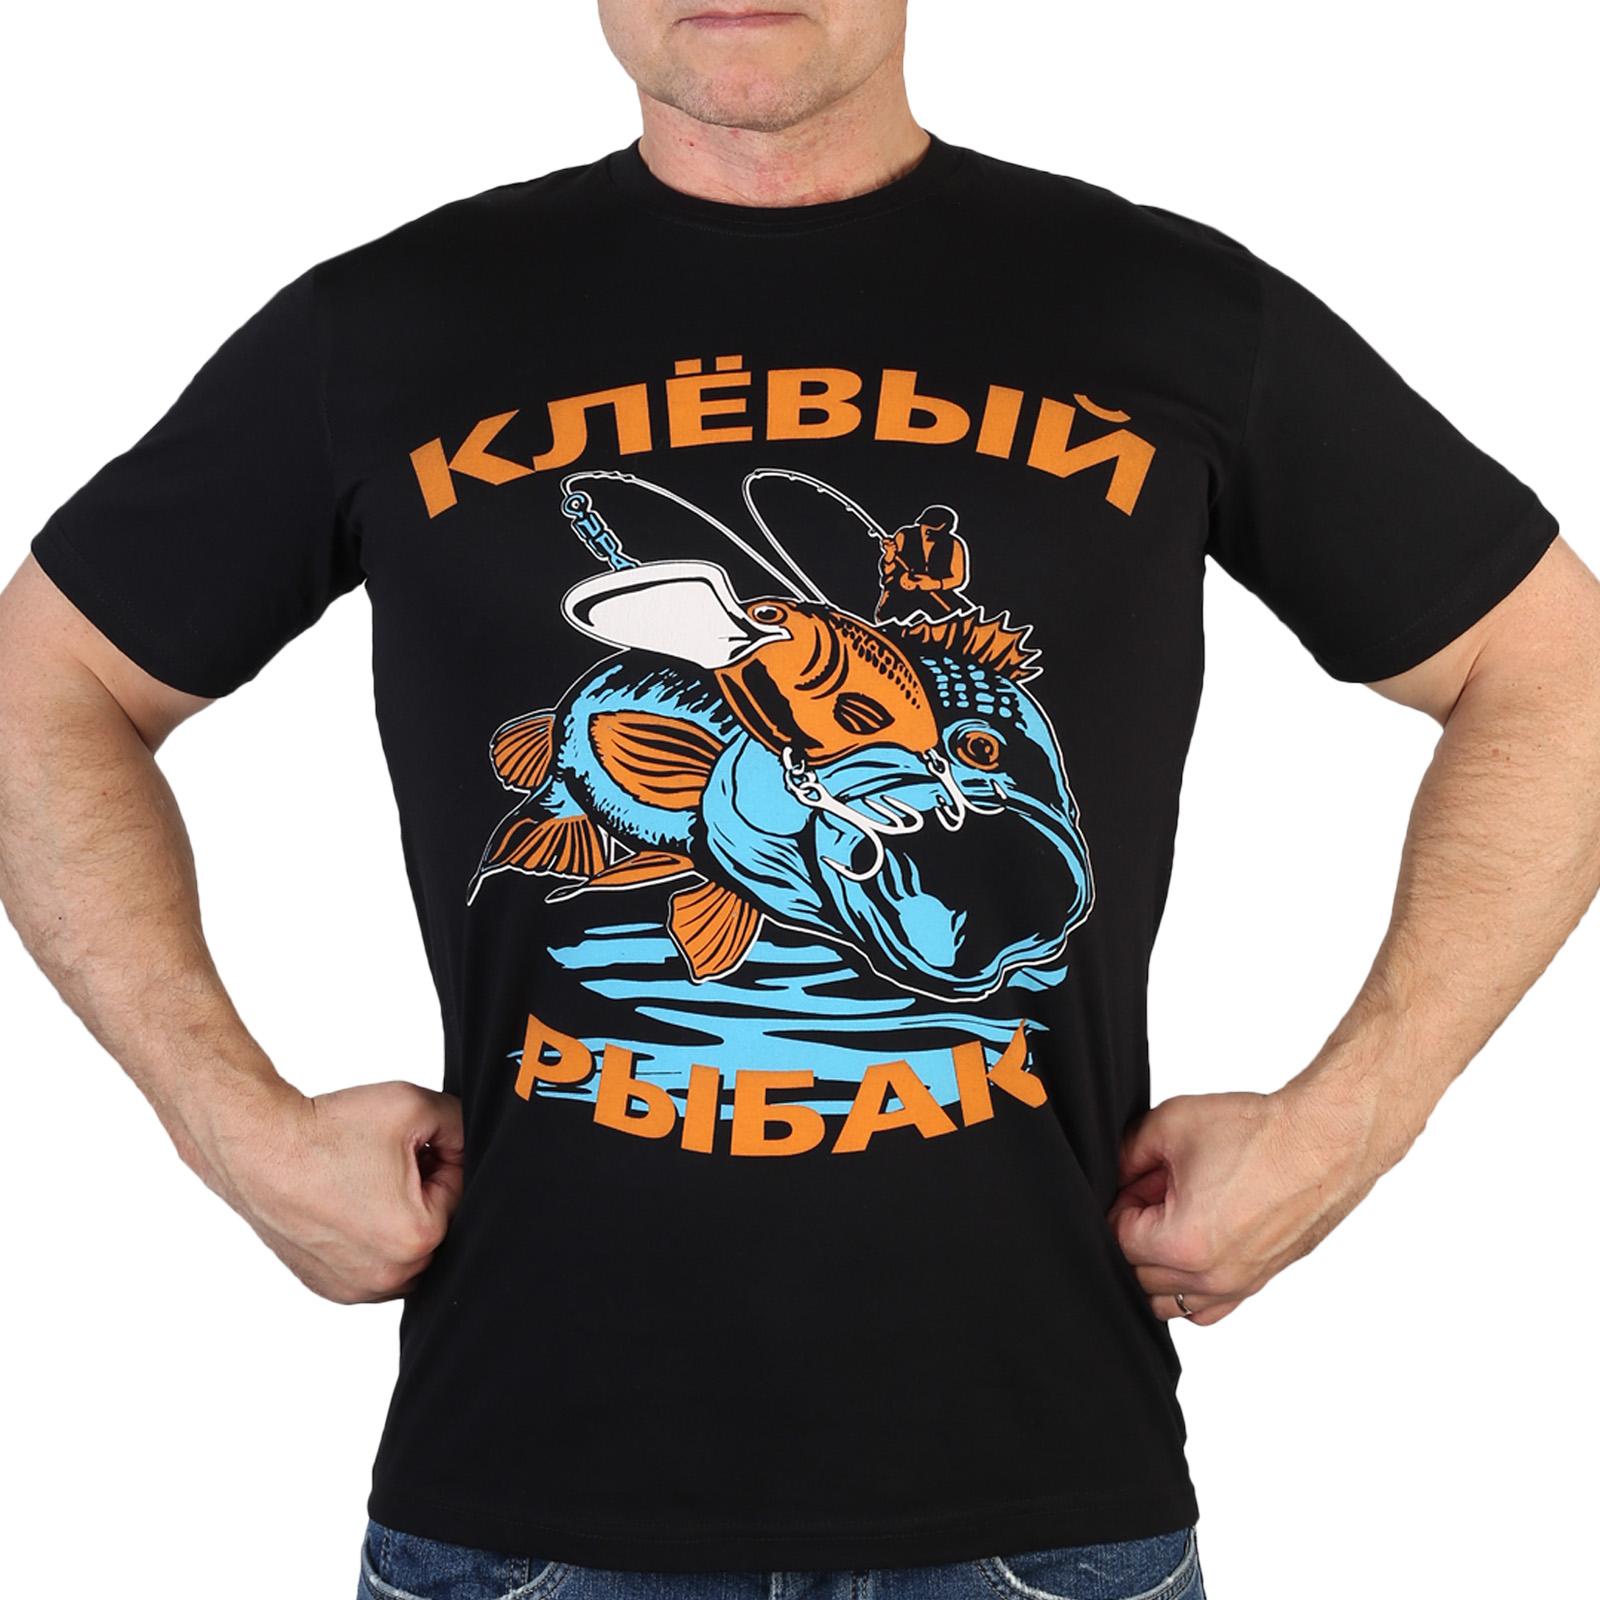 Мужская футболка Клёвый рыбак